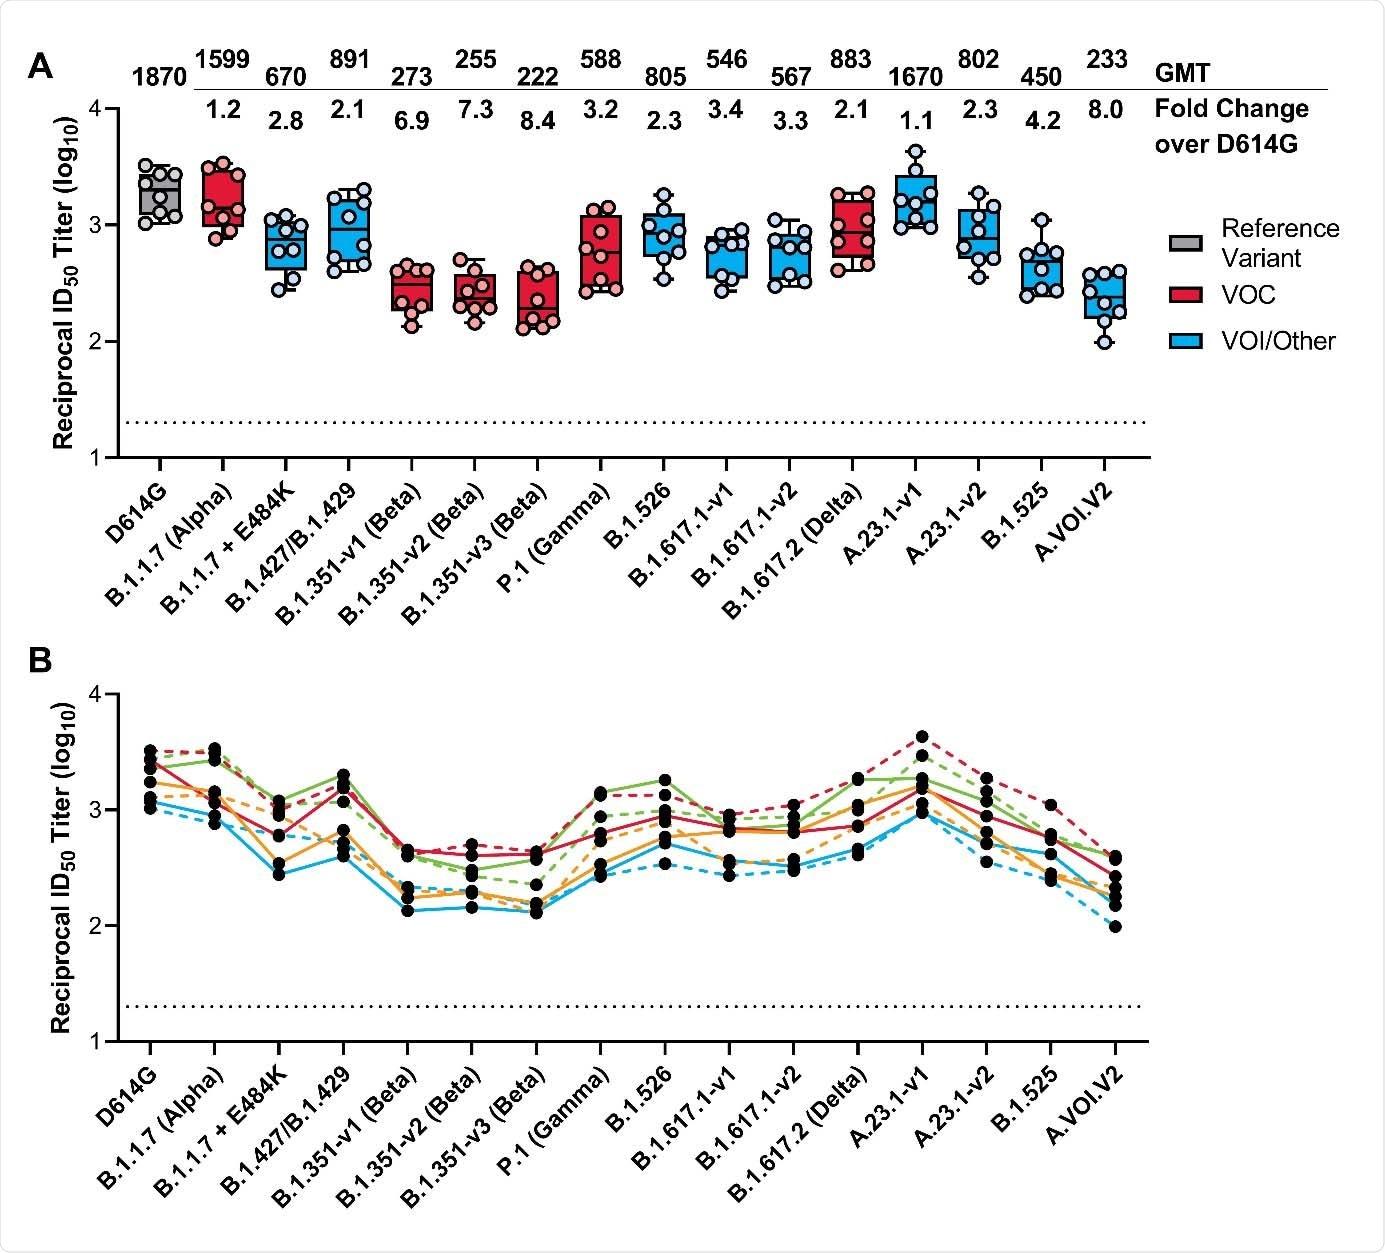 Neutralización de pseudovirus del SARS-CoV-2 en muestras de suero.  Se obtuvieron muestras de suero de los participantes en el ensayo de fase 1 de la vacuna mRNA-1273 el día 36 (7 días después de la dosis 2).  Para medir la neutralización se utilizó un ensayo de neutralización de pseudovirus recombinante basado en el virus de la estomatitis vesicular.  Los pseudovirus probados incorporaron D614G o las sustituciones de picos presentes en B.1.1.7 (Alpha), B.1.1.7 + E484K, B.1.427 / B.1.429, P.1 (Gamma), B.1.351-v1 (Beta ), B.1.351-v2 (Beta), B.1.351-v3 (Beta), B.1.526, B.1.617.1-v1, B.1.617.1-v2, B.1.617.2 (Delta), A .23.1-v1, A.23.1-v2, B.1.525 y A.VOI.V2 (Tabla 1).  Se muestran los títulos de neutralización recíprocos en el ensayo de neutralización de pseudovirus a una dilución inhibidora del 50% (ID50).  En el Panel A, los recuadros y las barras horizontales denotan el rango intercuartil y el GMT, respectivamente.  Los puntos finales de bigotes son iguales a los valores máximo y mínimo por debajo o por encima de la mediana en 1,5 veces el IQR.  El cambio de pliegue GMT sobre D614G para cada variante se muestra a continuación.  En el Panel B, las líneas coloreadas conectan el D614G y los títulos de neutralización de variantes en muestras emparejadas.  En ambos paneles, los puntos representan resultados de muestras de suero individuales y la línea punteada horizontal negra representa el límite inferior de cuantificación para títulos a 20 ID50.  GMT: título medio geométrico;  ID50, factor de dilución inhibidor al 50%.  VOC, variante de interés;  VOI, variante de interés.